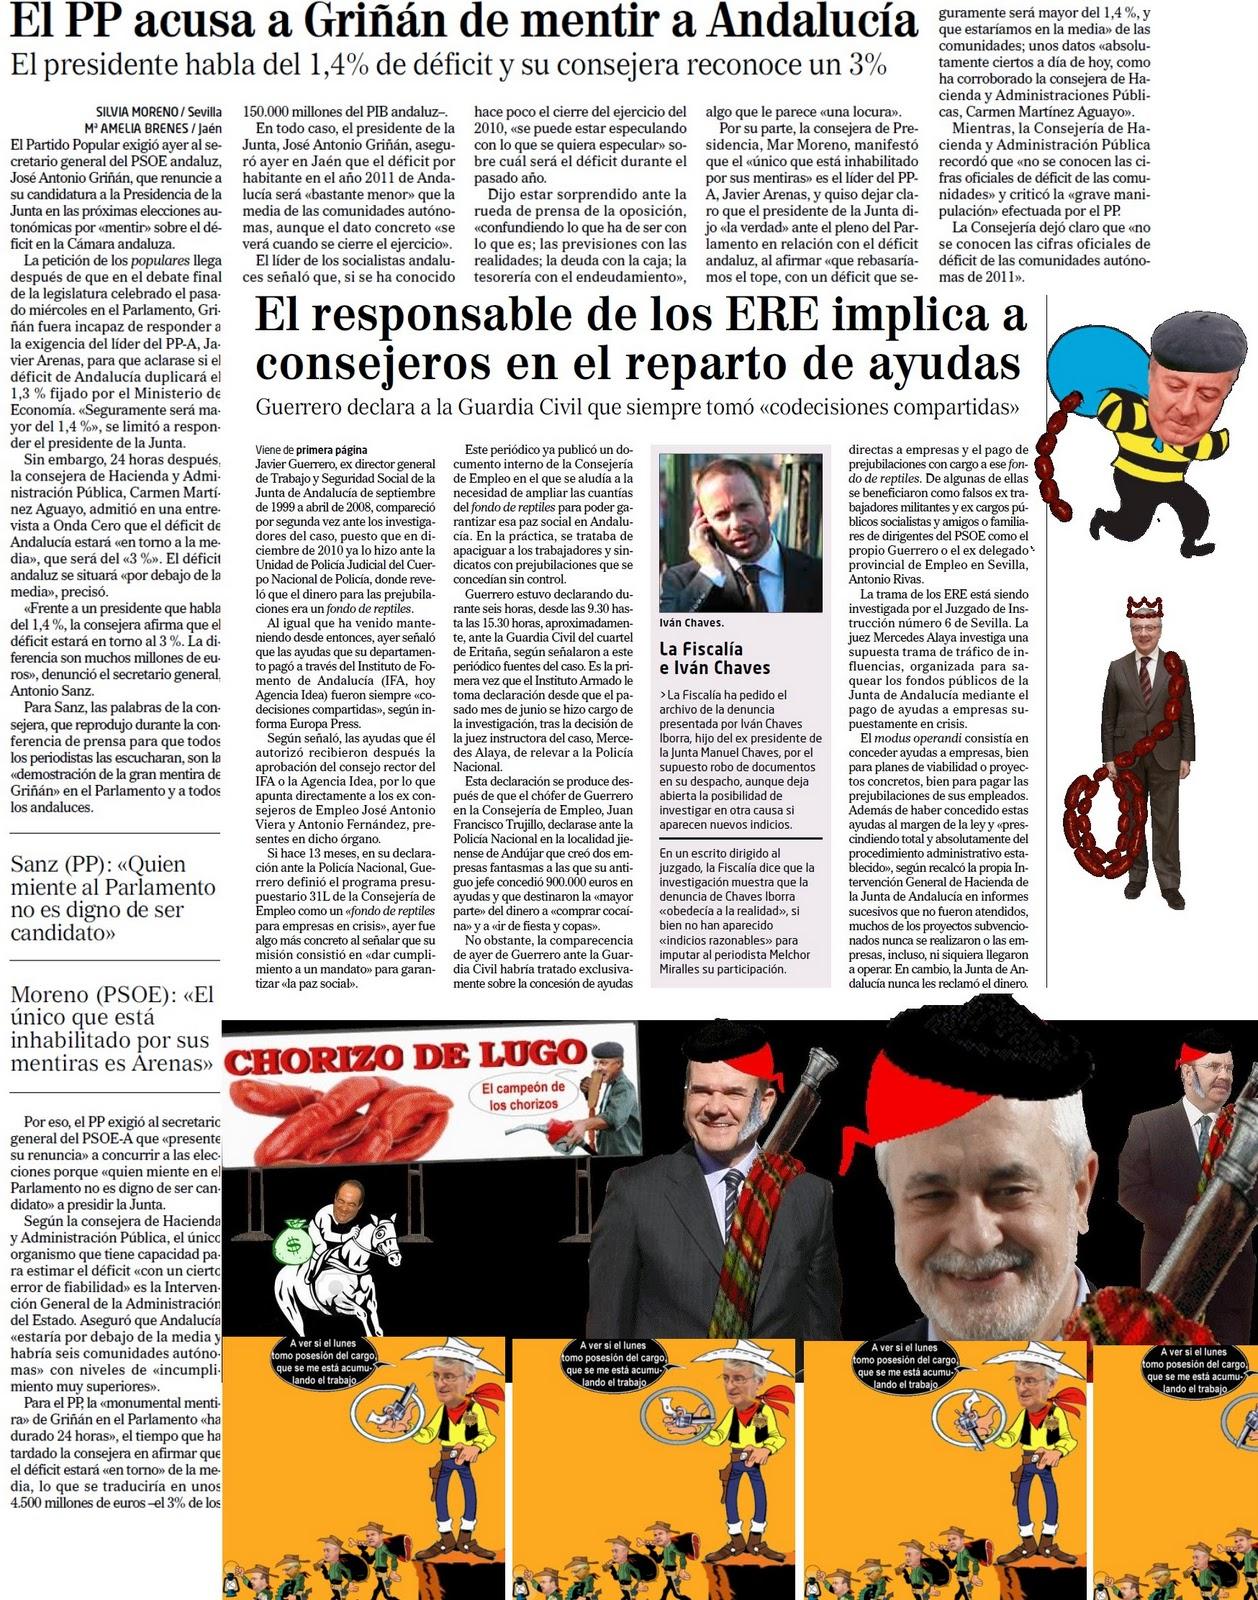 España resurge de su postración. El CGPJ amonesta a El País por vejar a la Juez del 11-M